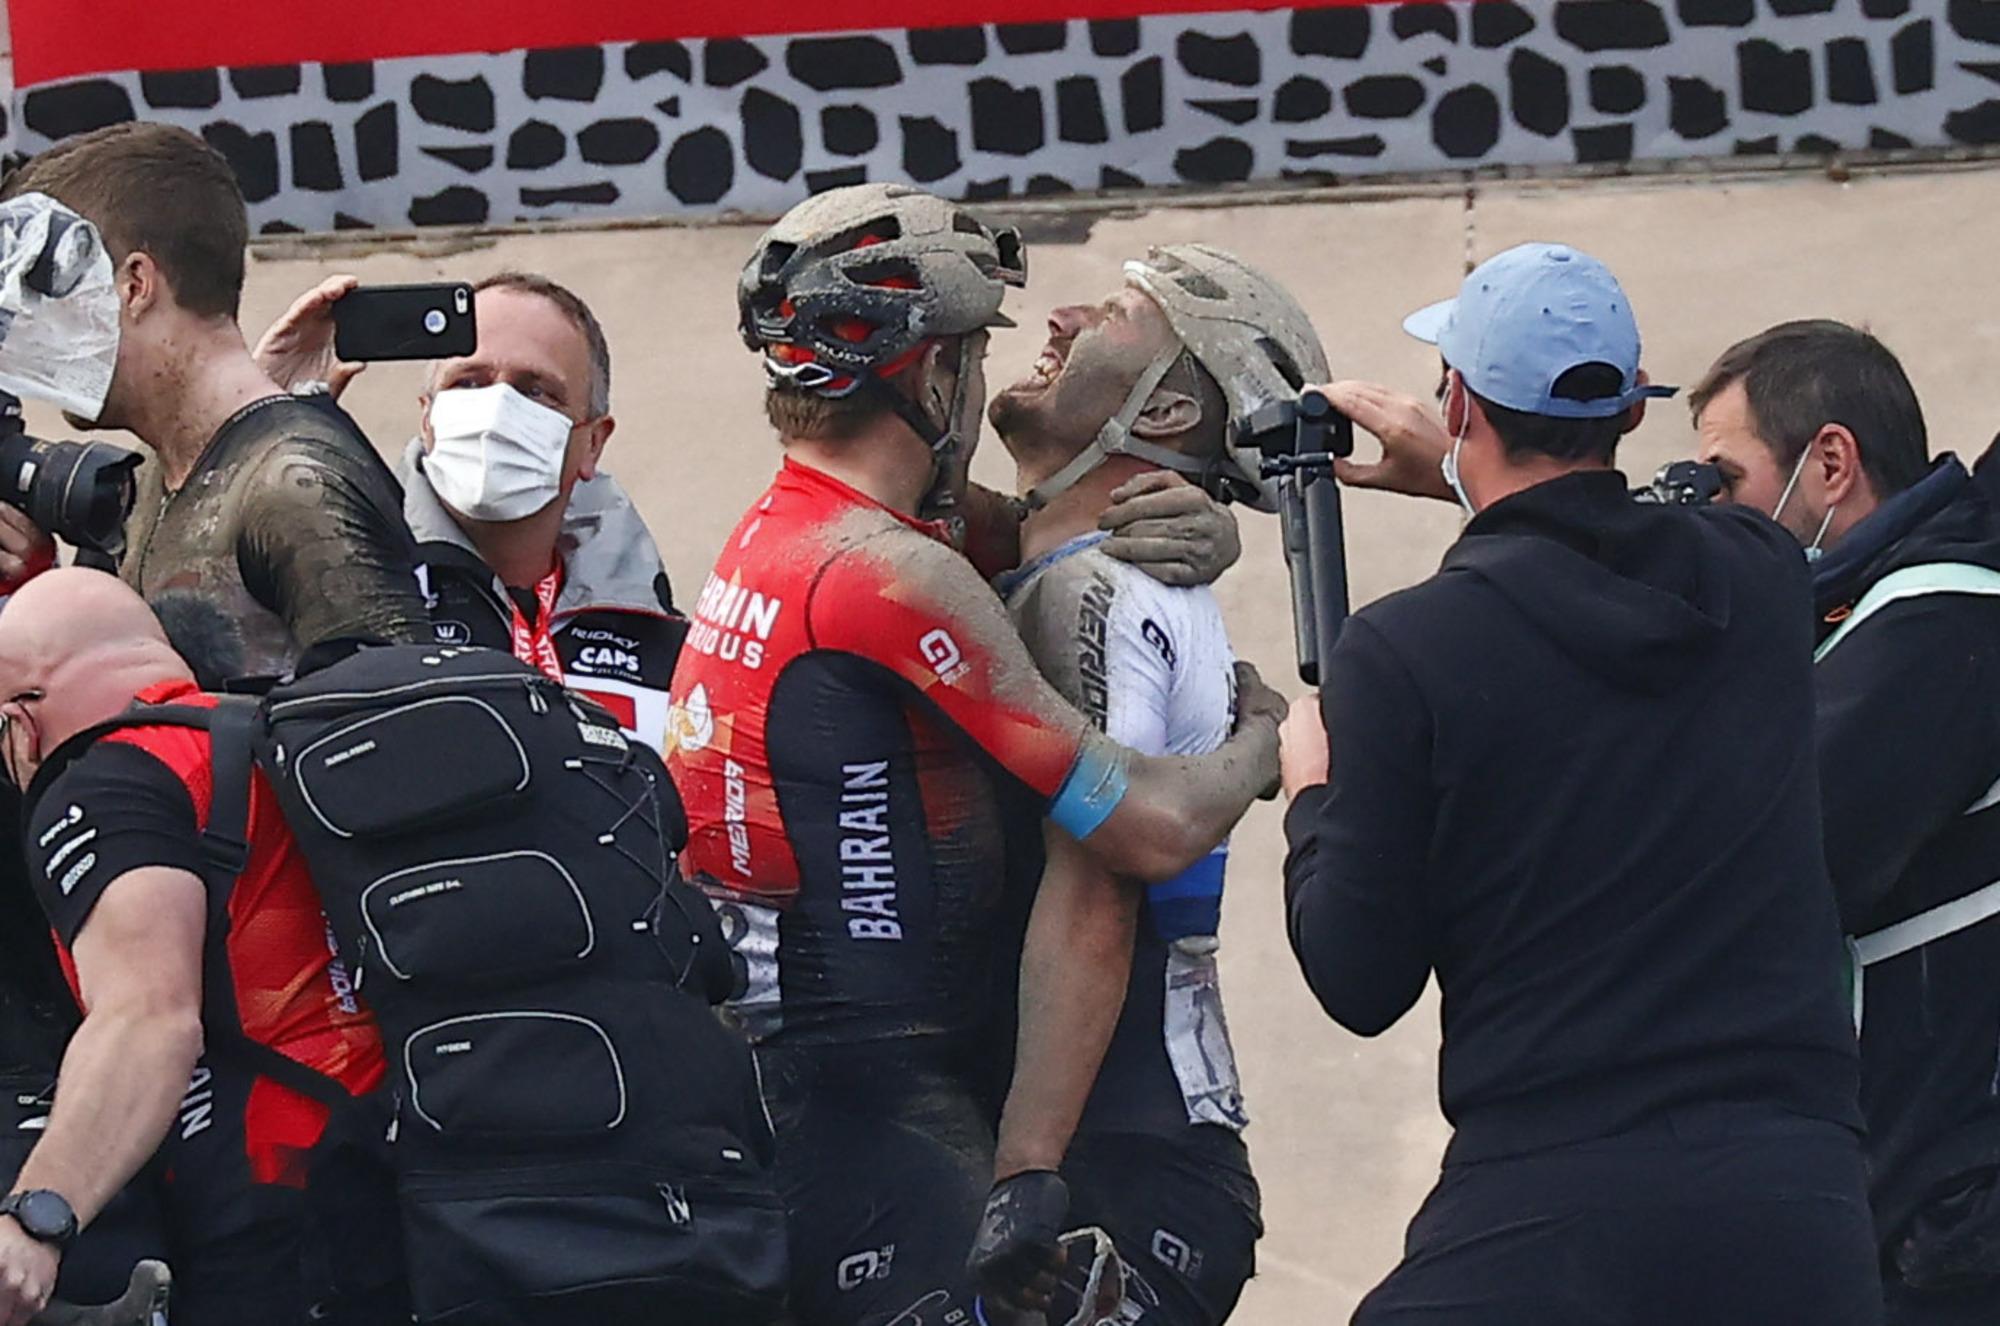 Paris Roubaix 2021 118th Edition Denain Roubaix 2577 km 03102021 Sonny Colbrelli ITA Bahrain Victorious Heinrich Haussler AUS Bahrain Victorious photo Luca BettiniBettiniPhoto2021